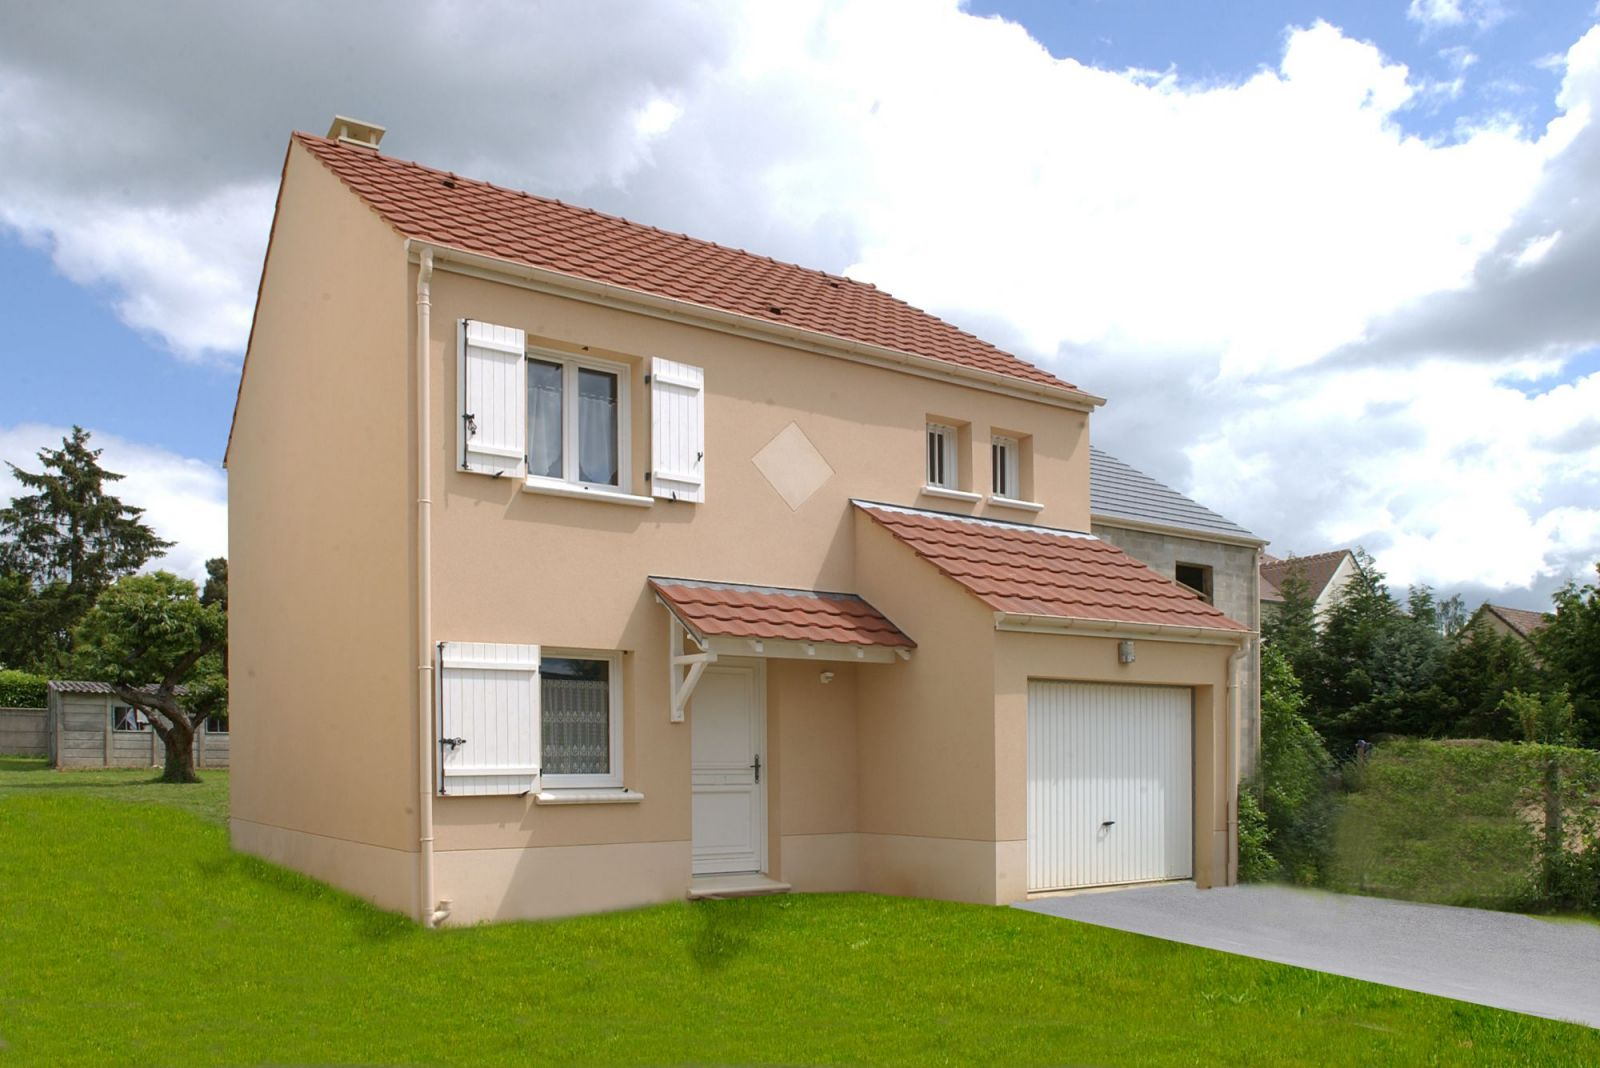 Maisons + Terrains du constructeur COFIDIM MAISONS SESAME • 105 m² • ARGENTEUIL